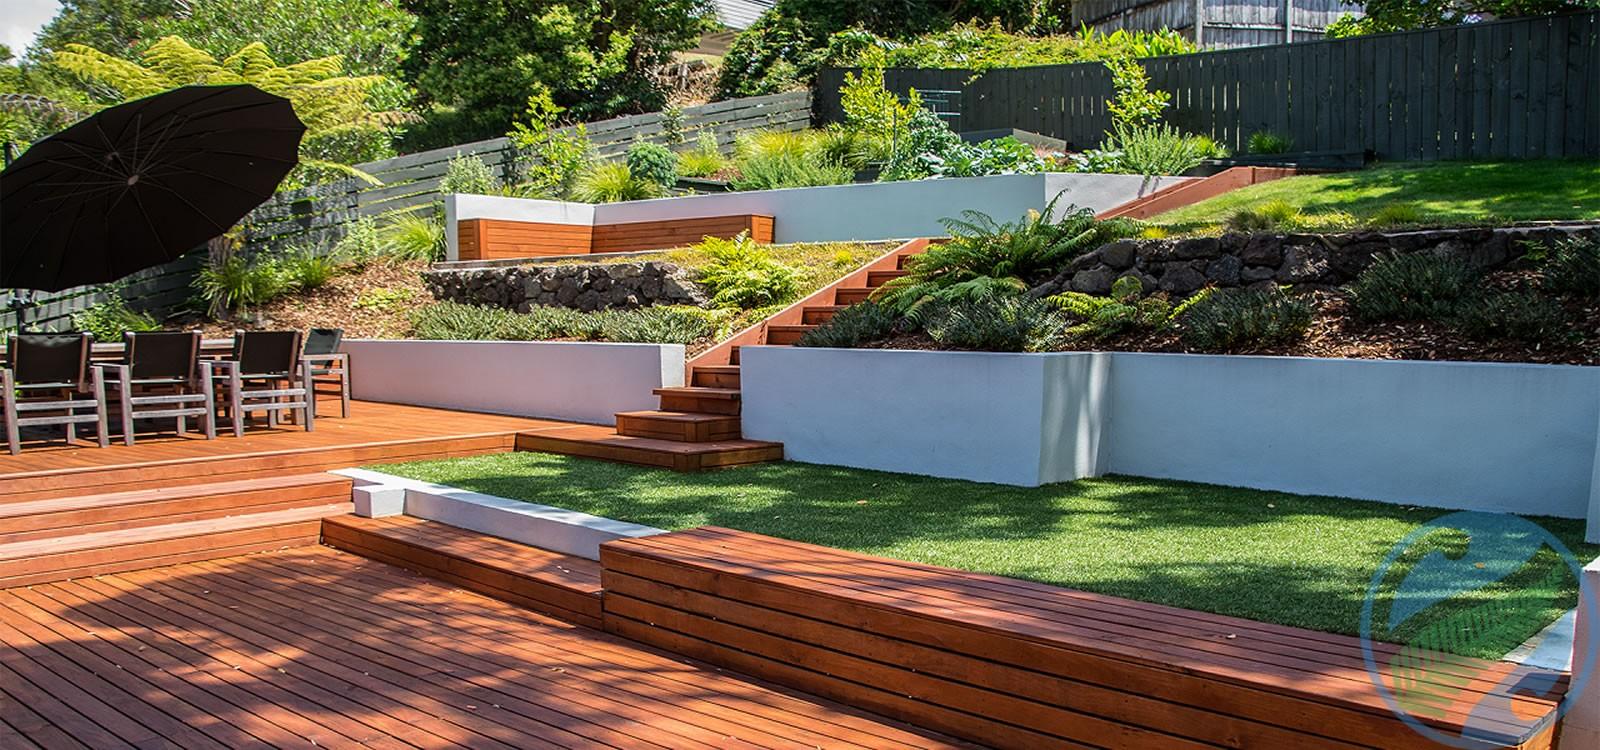 Landscape design auckland peter fry landscaping auckland for Landscape design nz